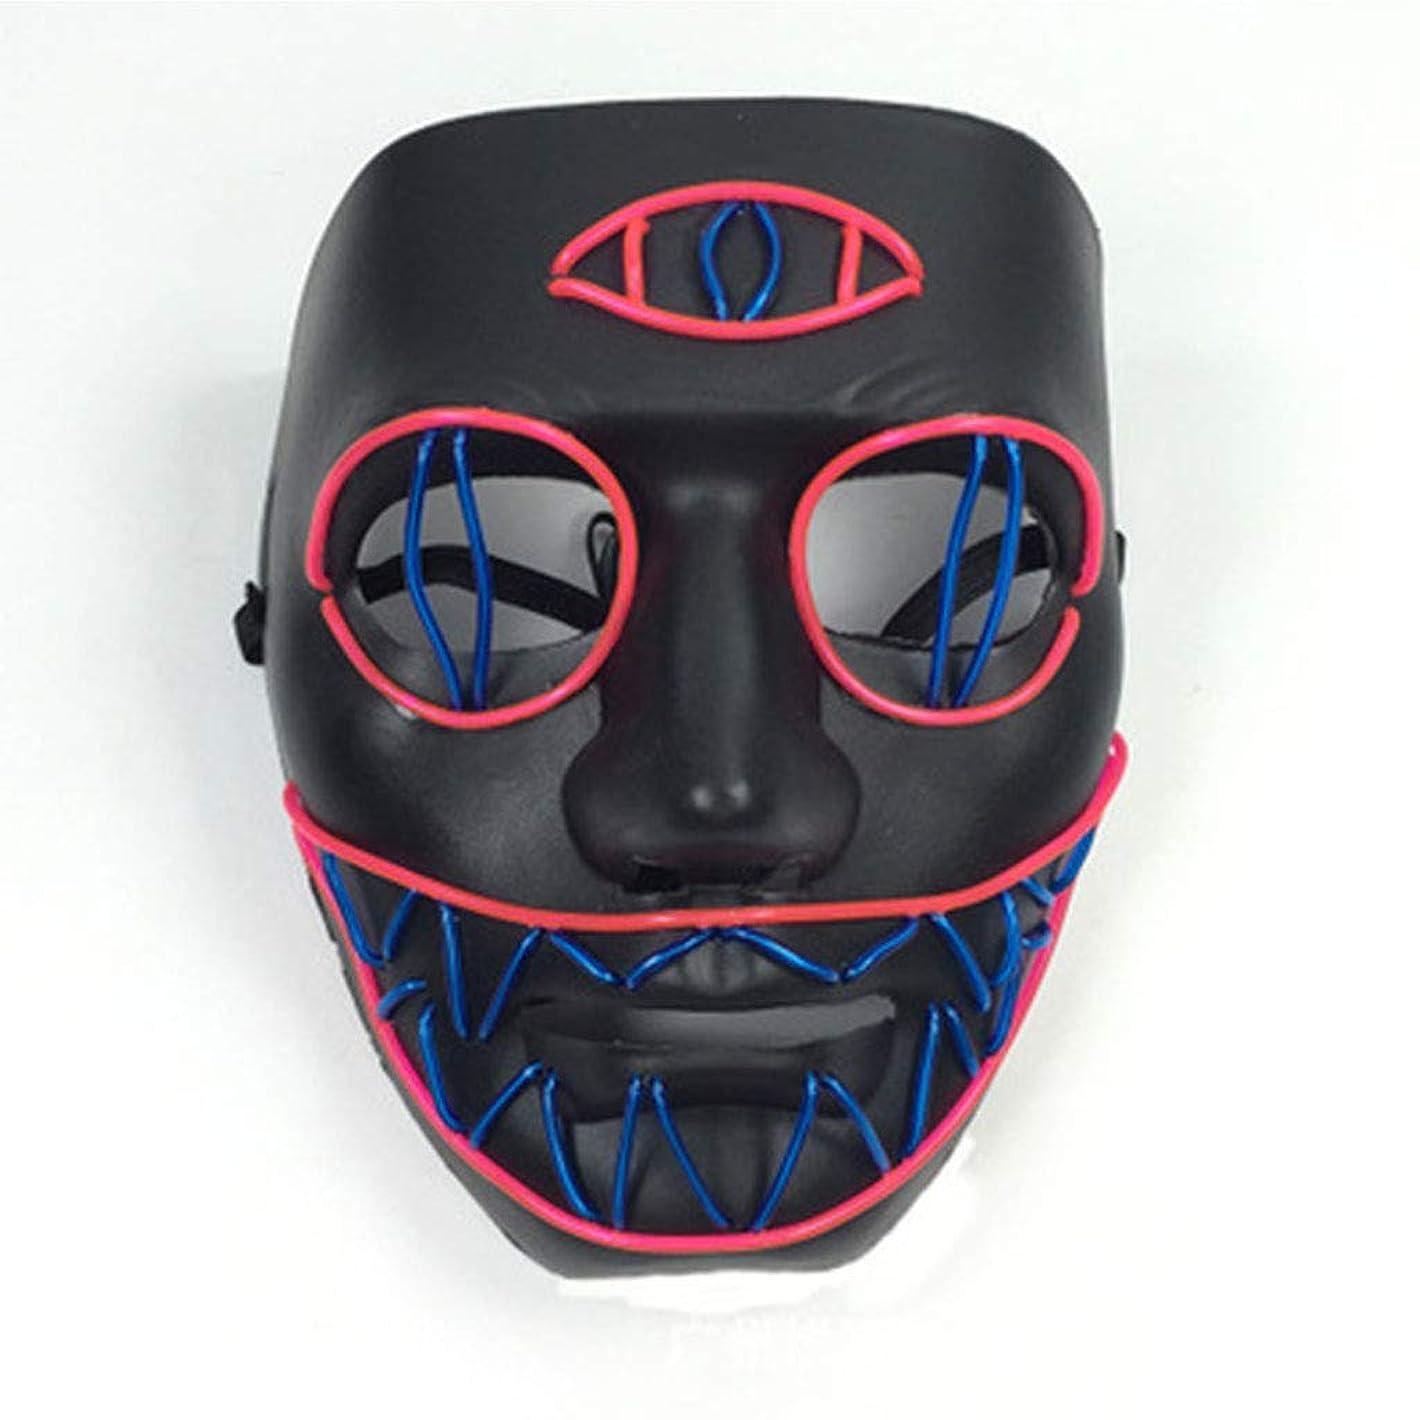 充電ショッピングセンター中毒LEDライト怖いマスク、ノベルティハロウィーンコスチュームパーティー不気味な小道具、安全なELワイヤーPVC DJマスクLED